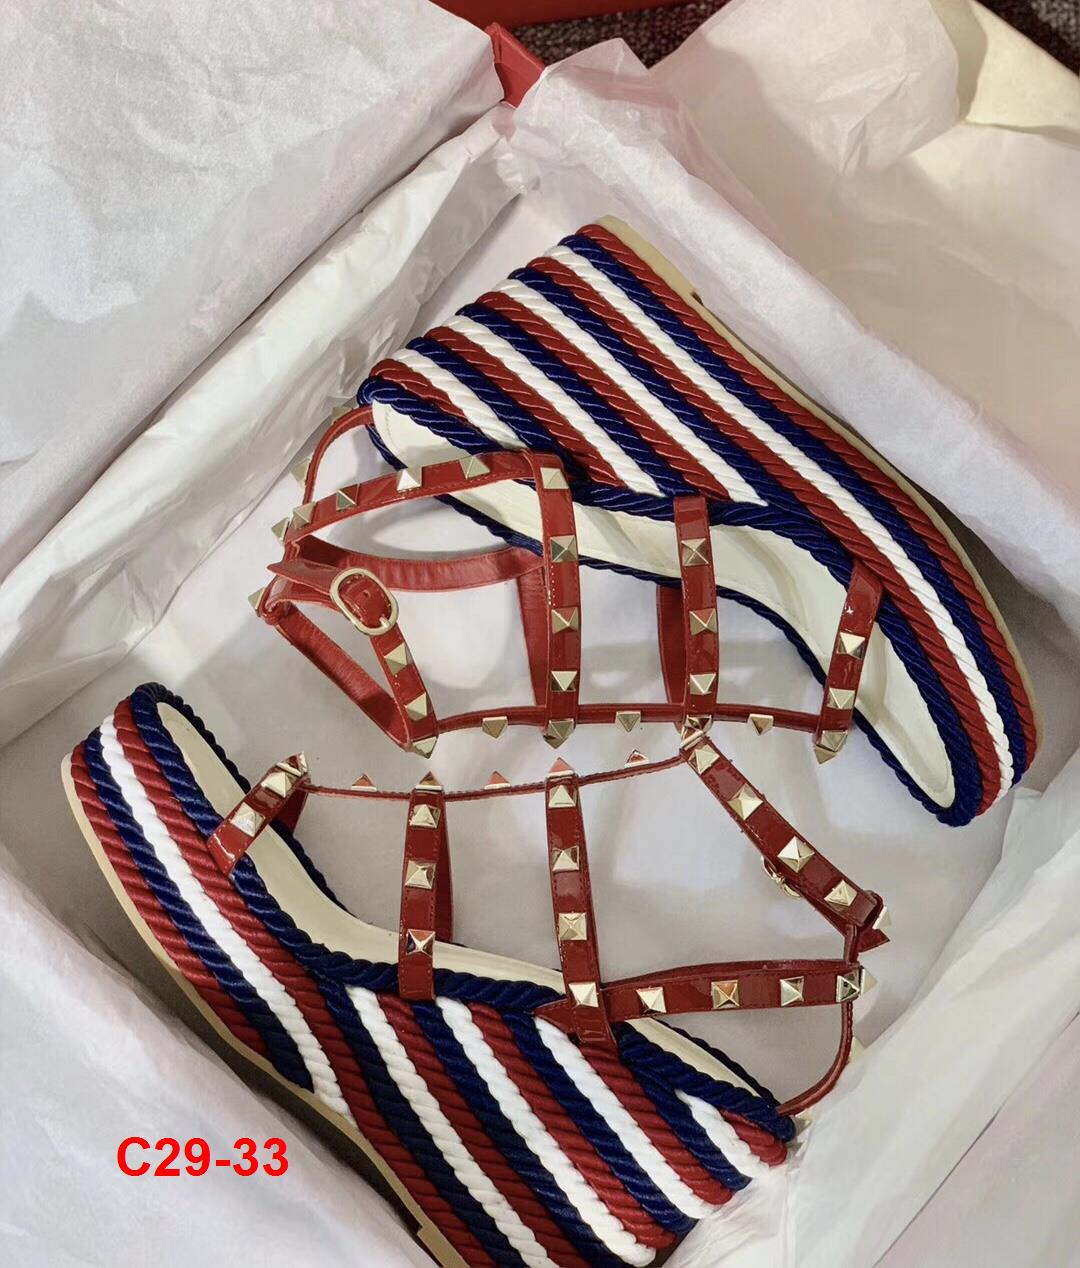 C29-33 Valentino sandal cao 10cm đế xuồng kếp 3cm siêu cấp